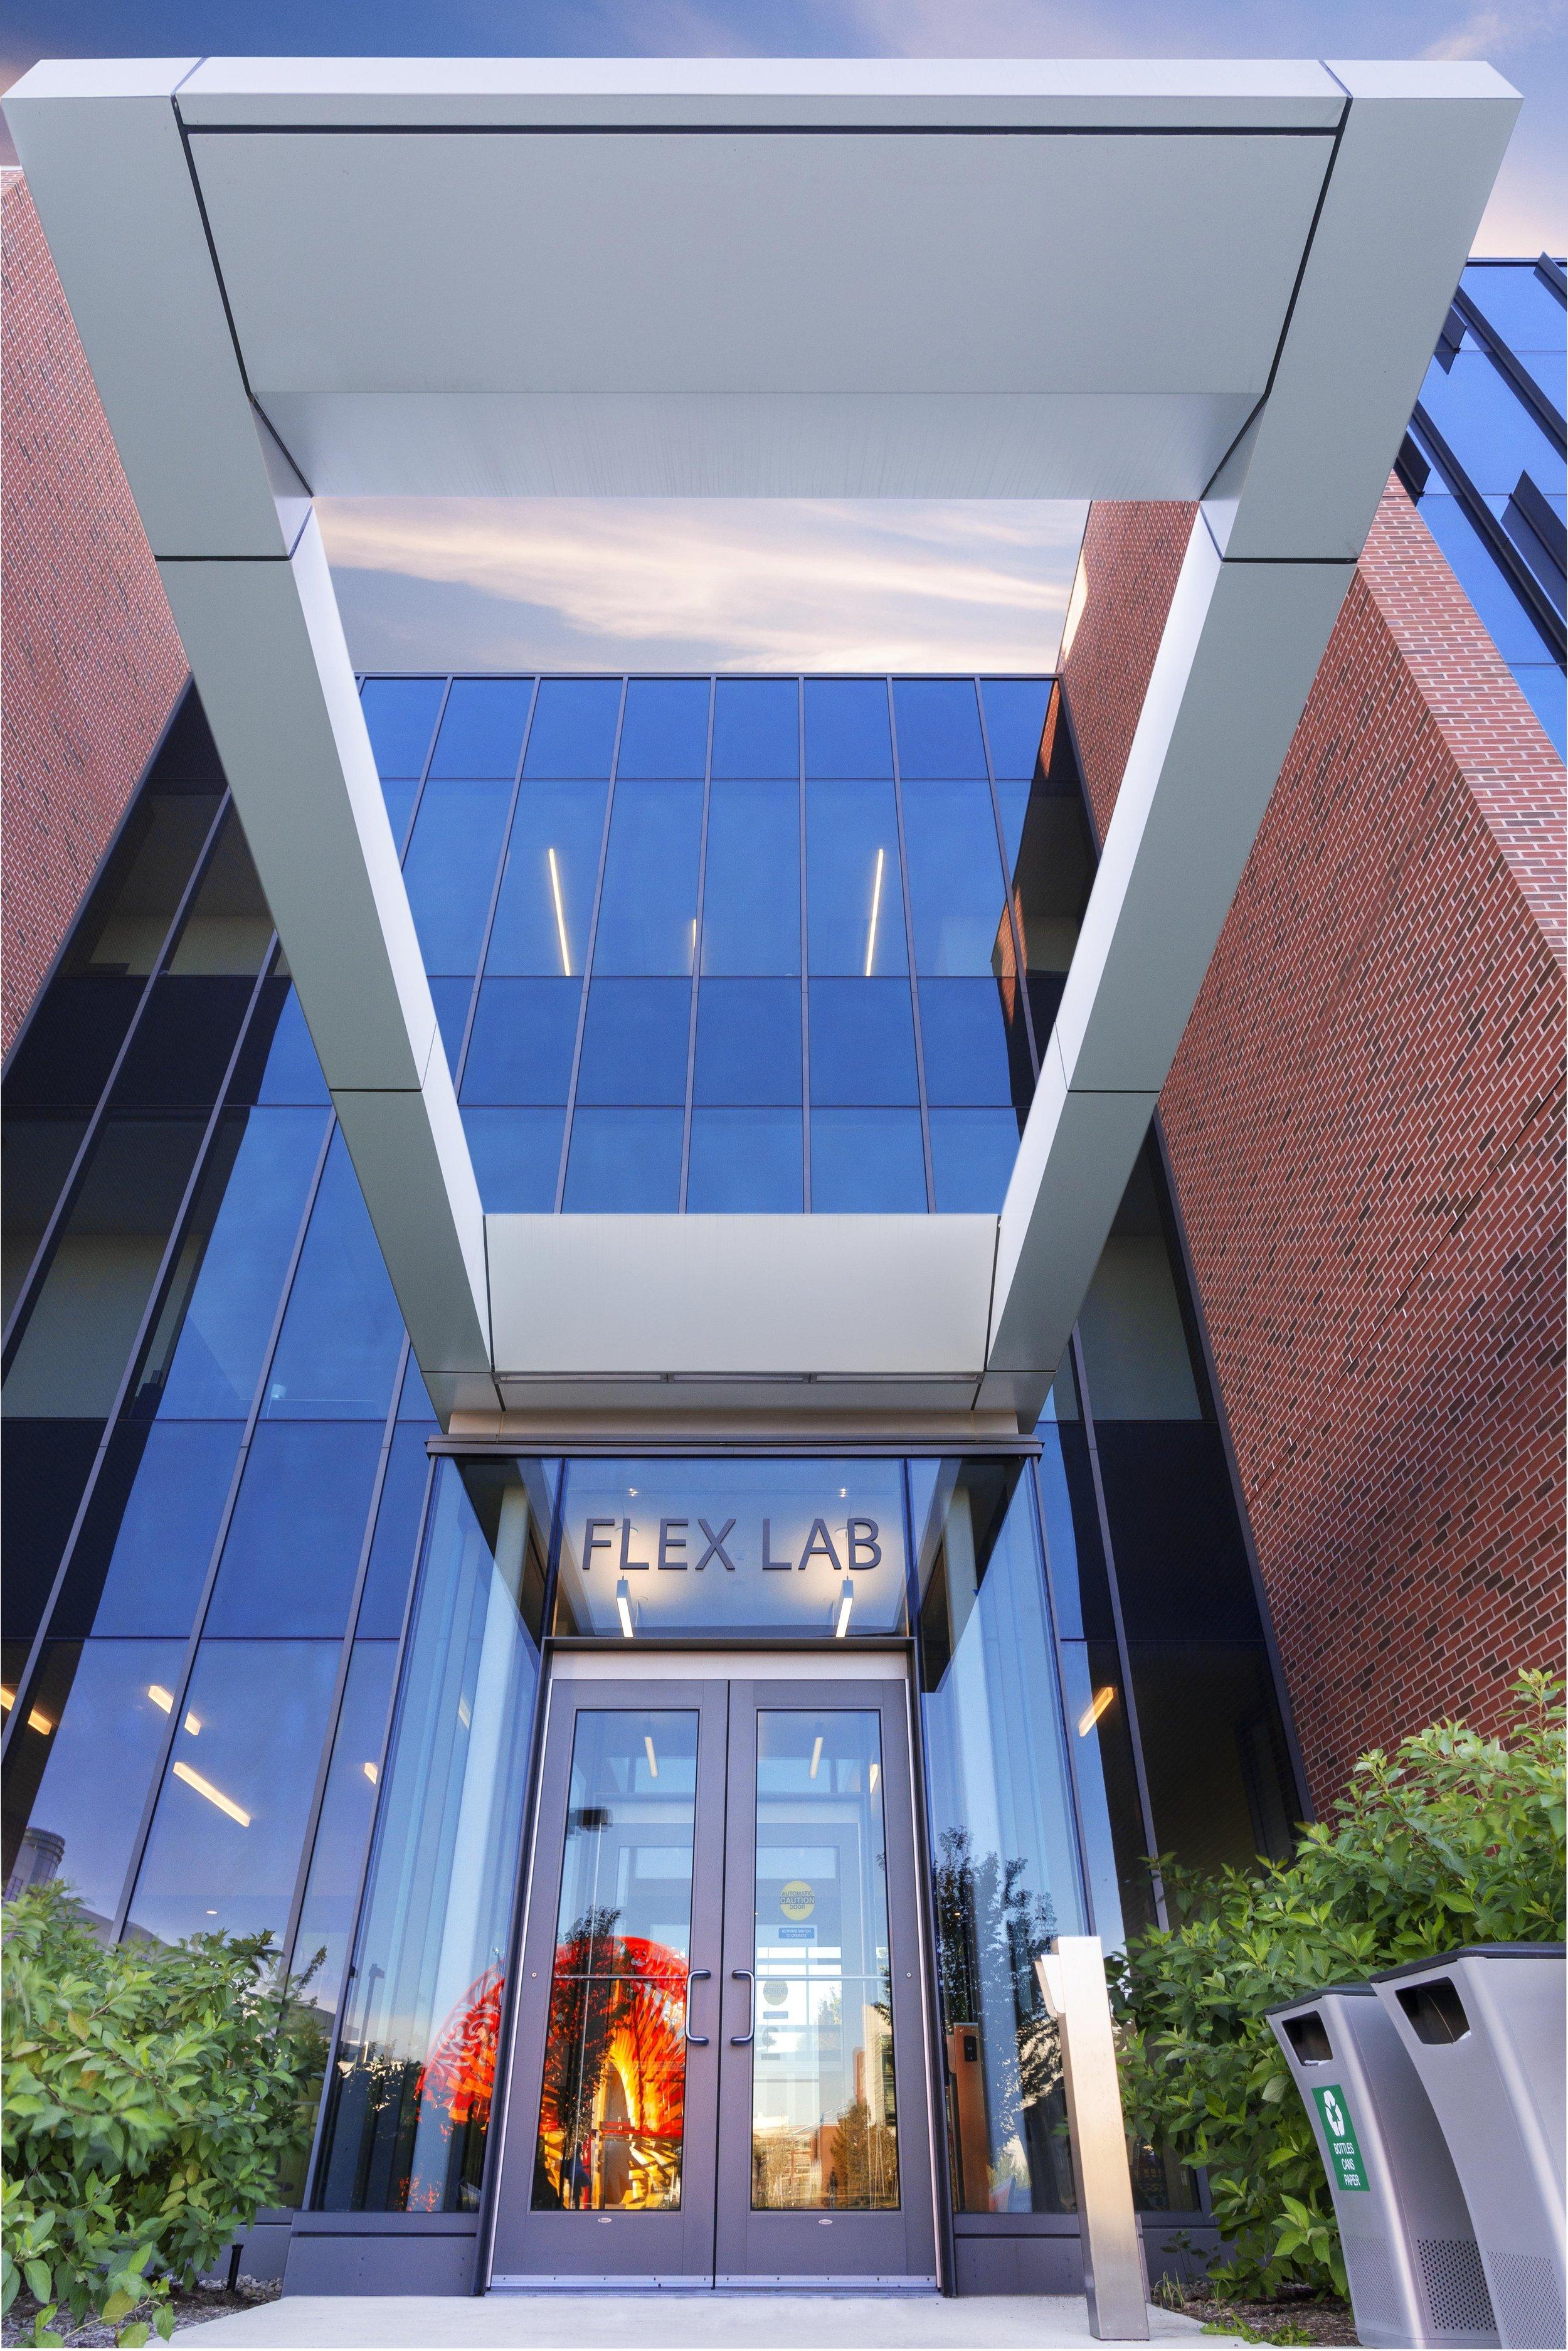 Flex Lab entrance Erin Easterling.jpg